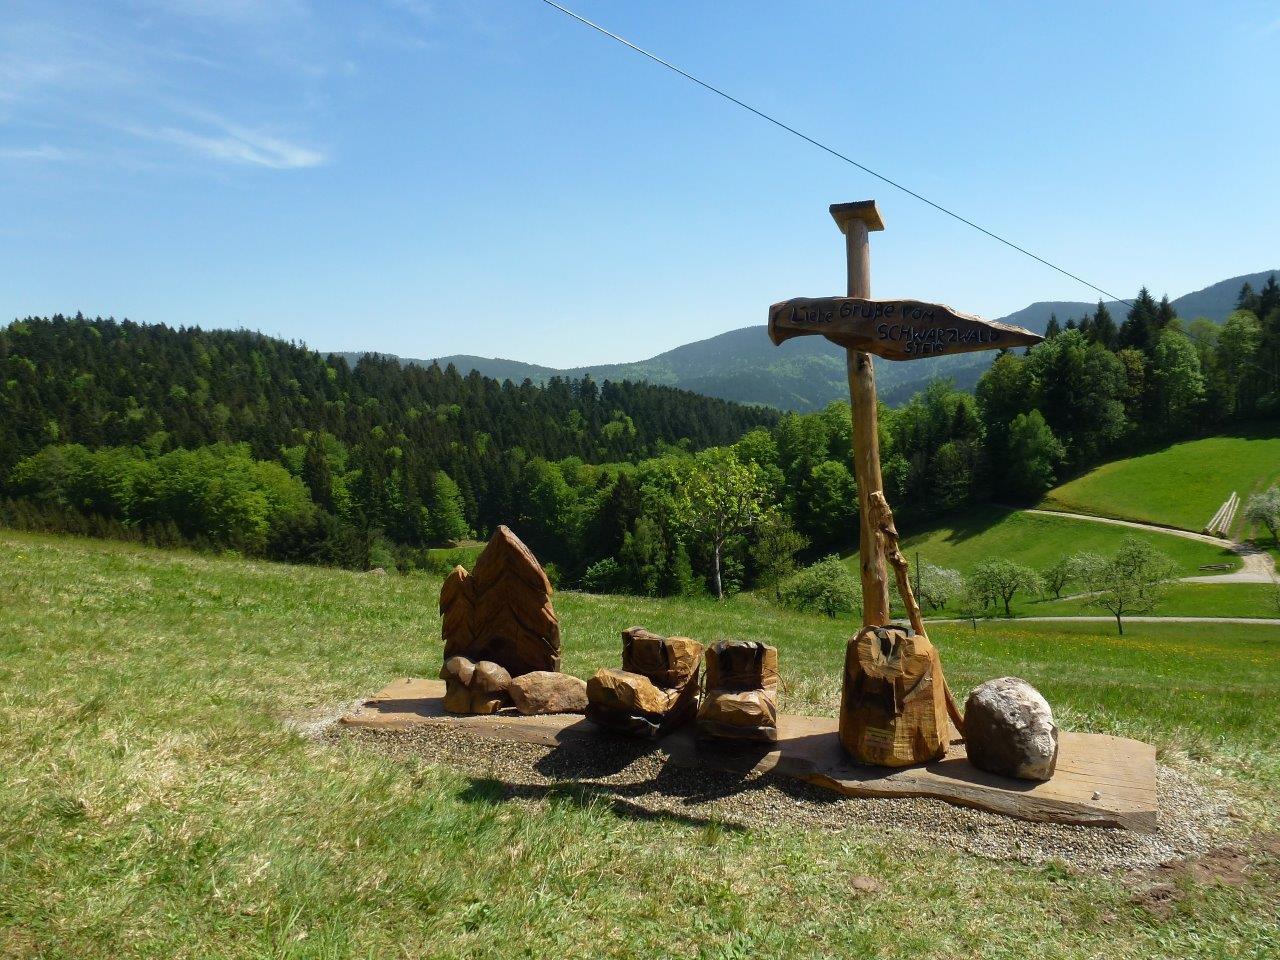 Fotostation am Schwarzwaldsteig